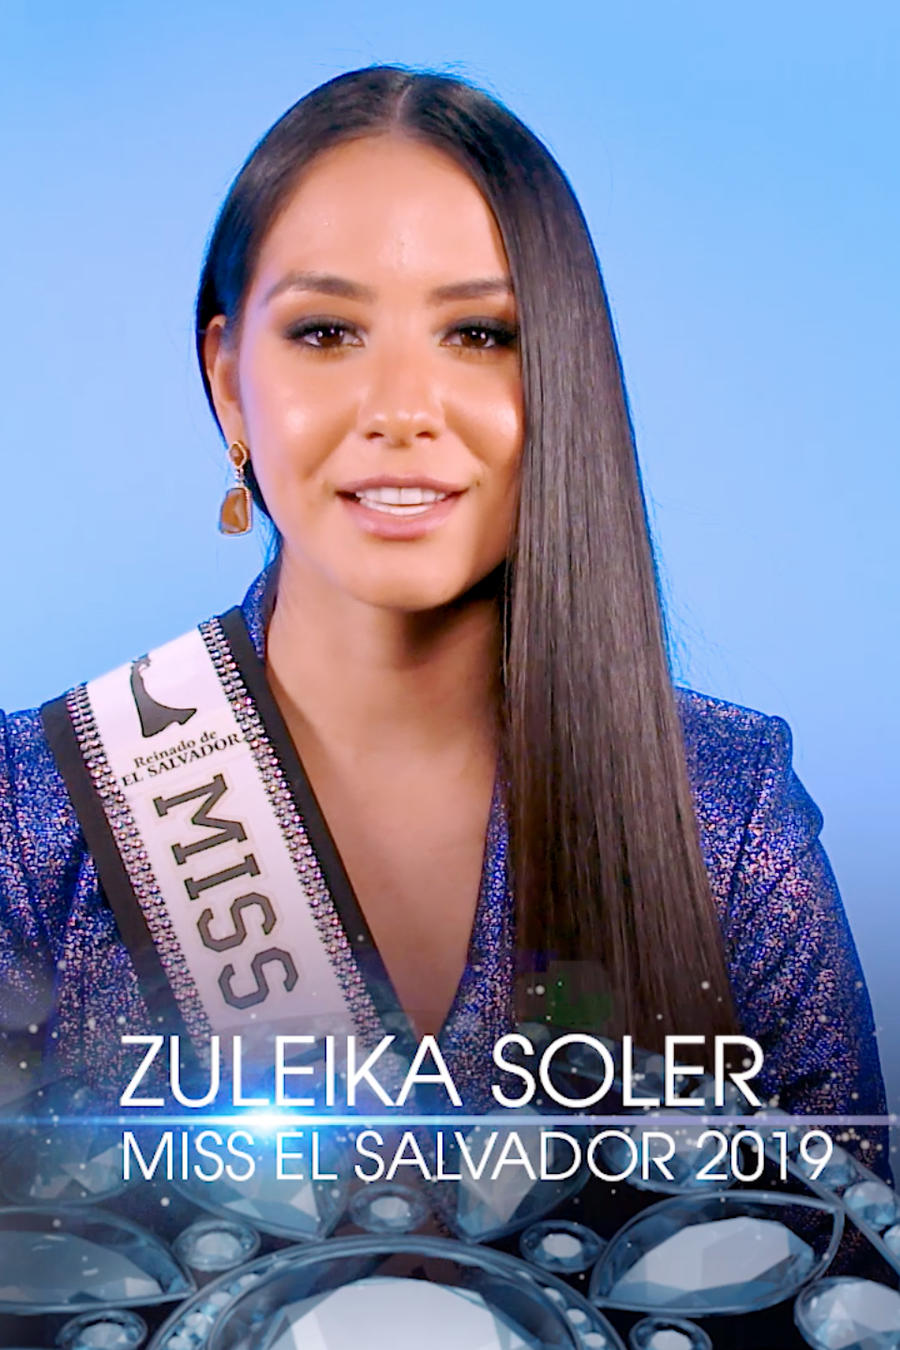 Zuleika Soler, Miss El Salvador 2019 en Miss Universo